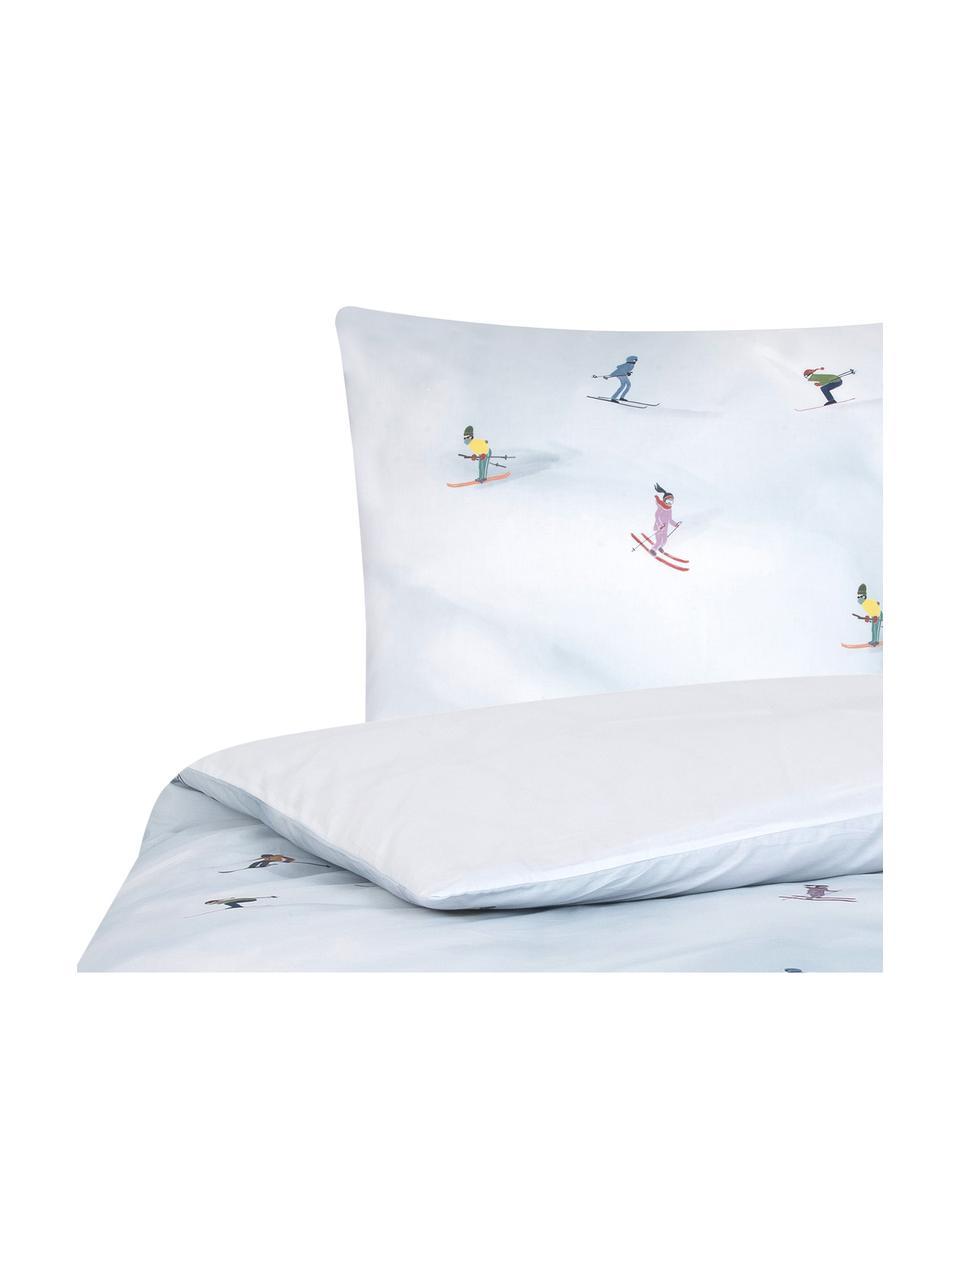 Pościel z perkalu Ski od Kery Till, Jasny niebieski, wielobarwny, 135 x 200 cm + 1 poduszka 80 x 80 cm